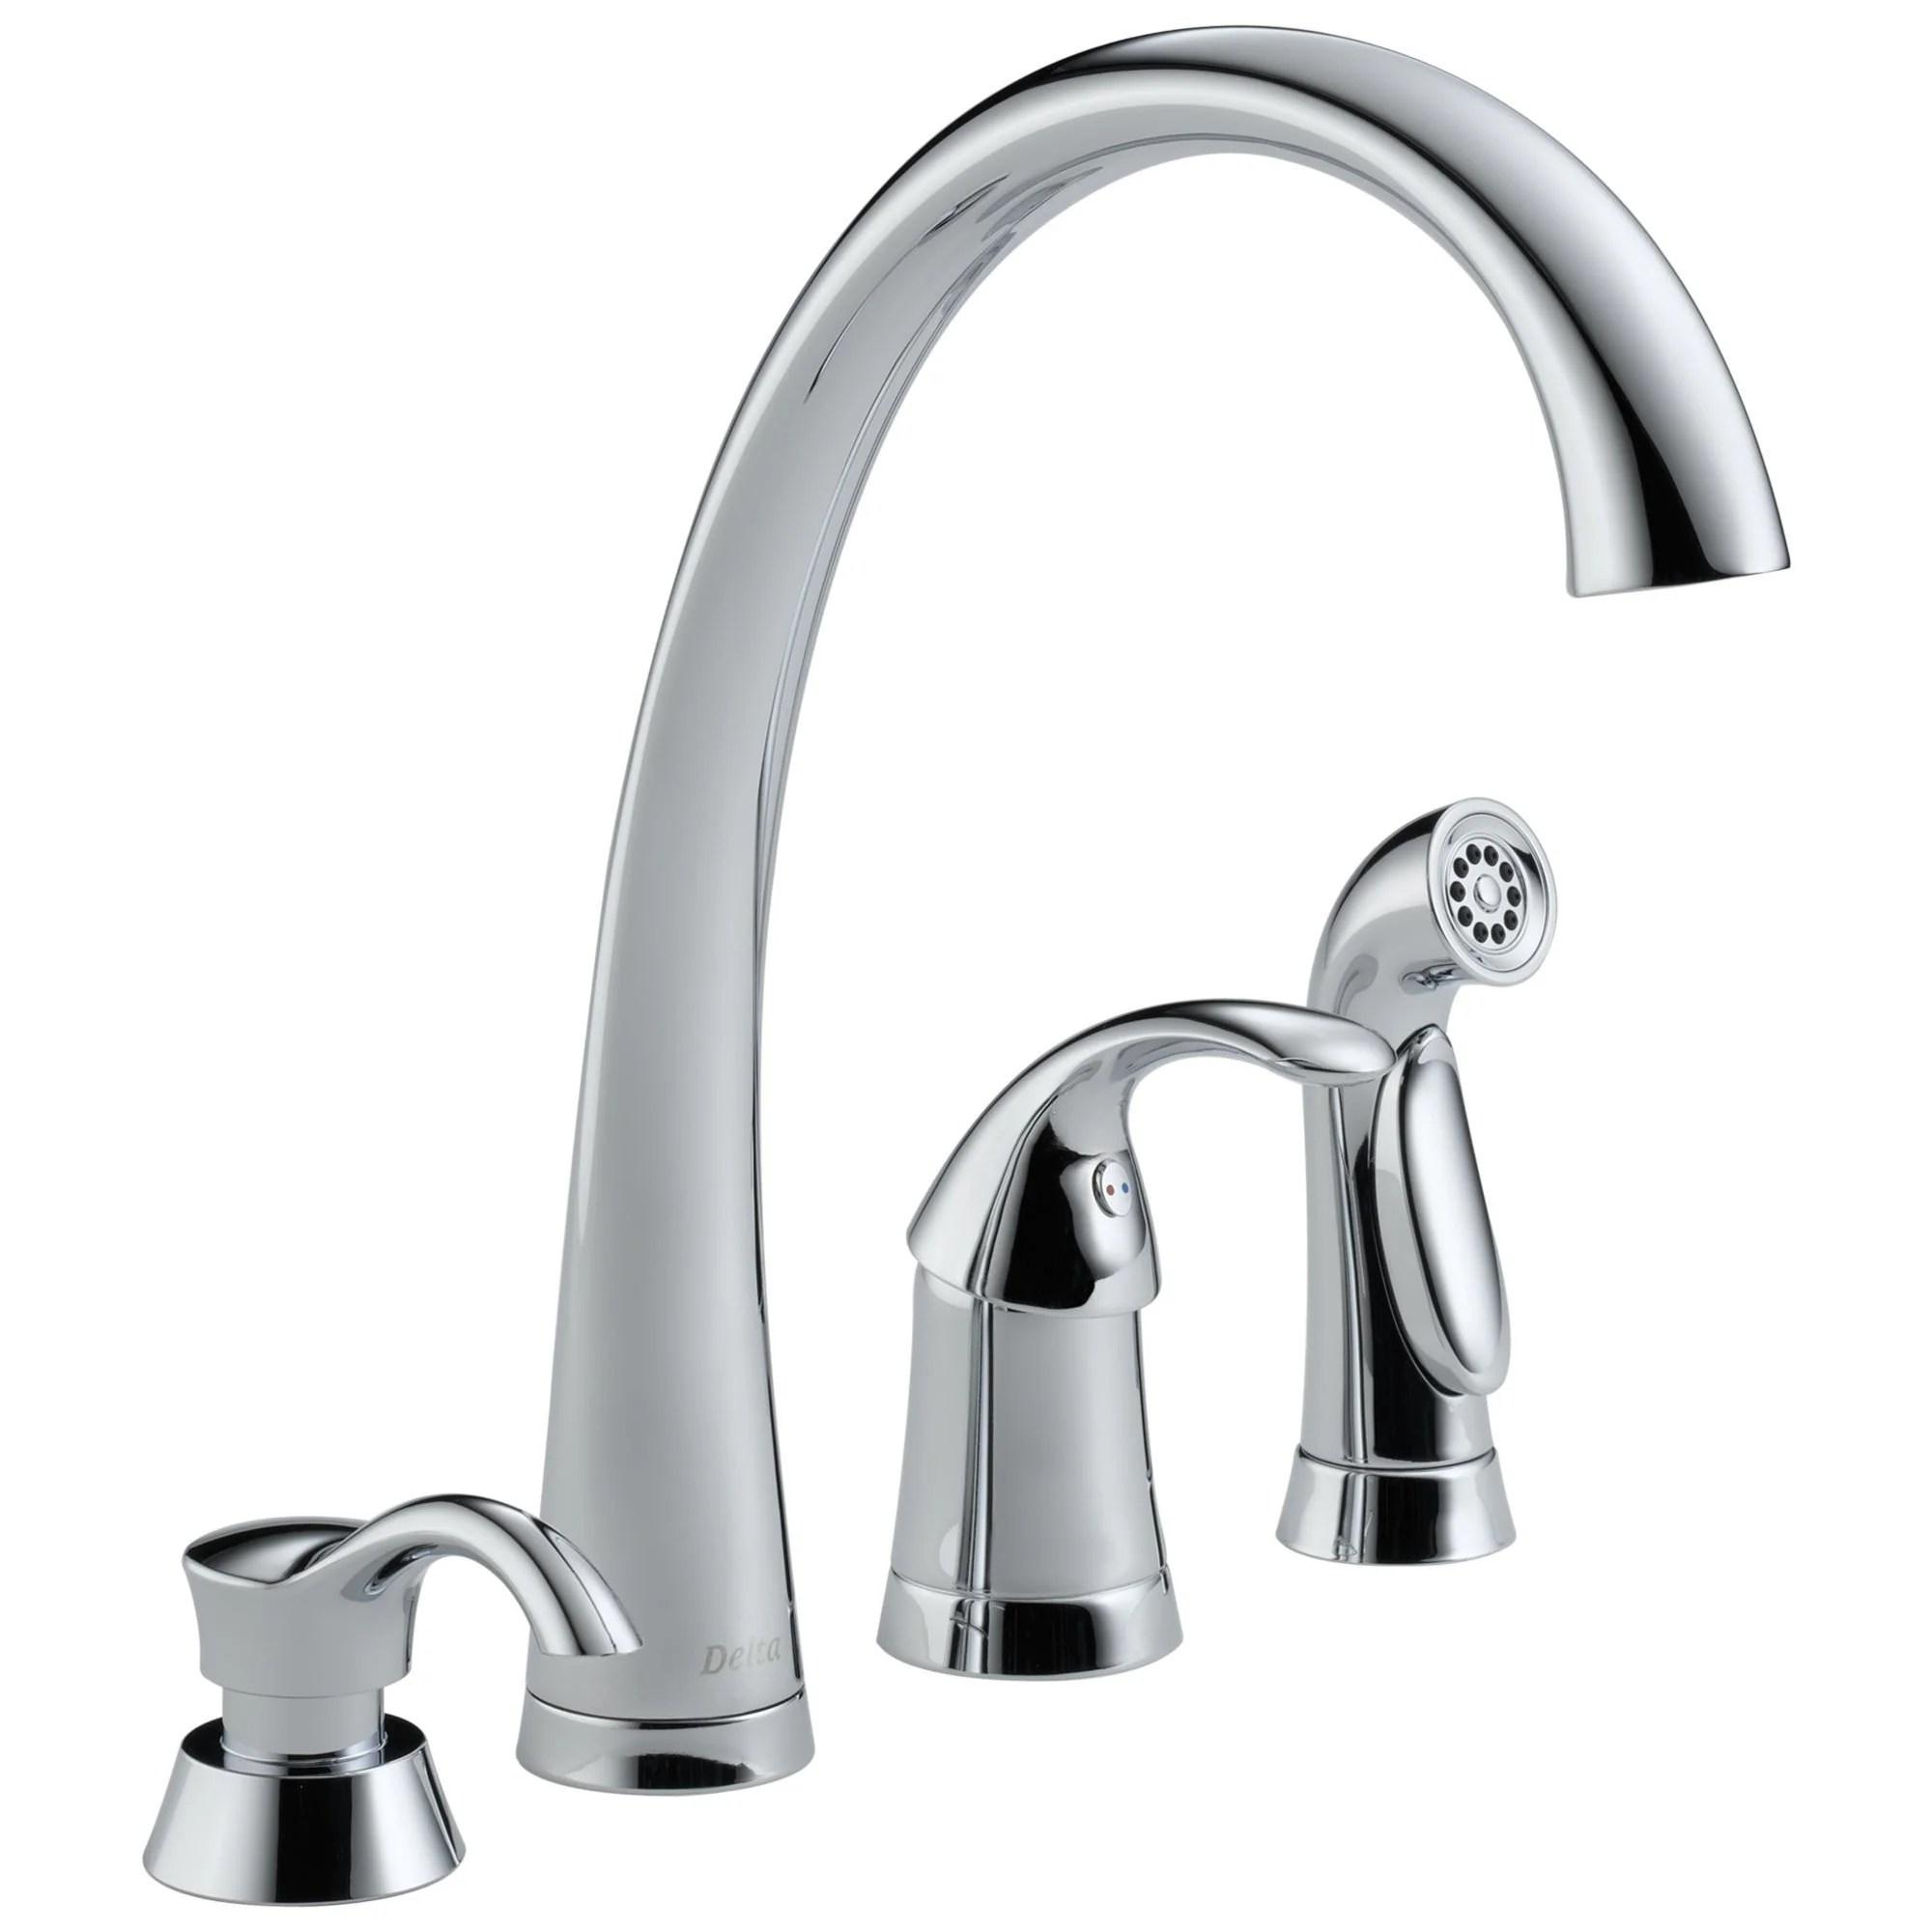 Delta Pilar Collection Chrome Finish Single Handle Kitchen Sink Faucet Faucetlist Com